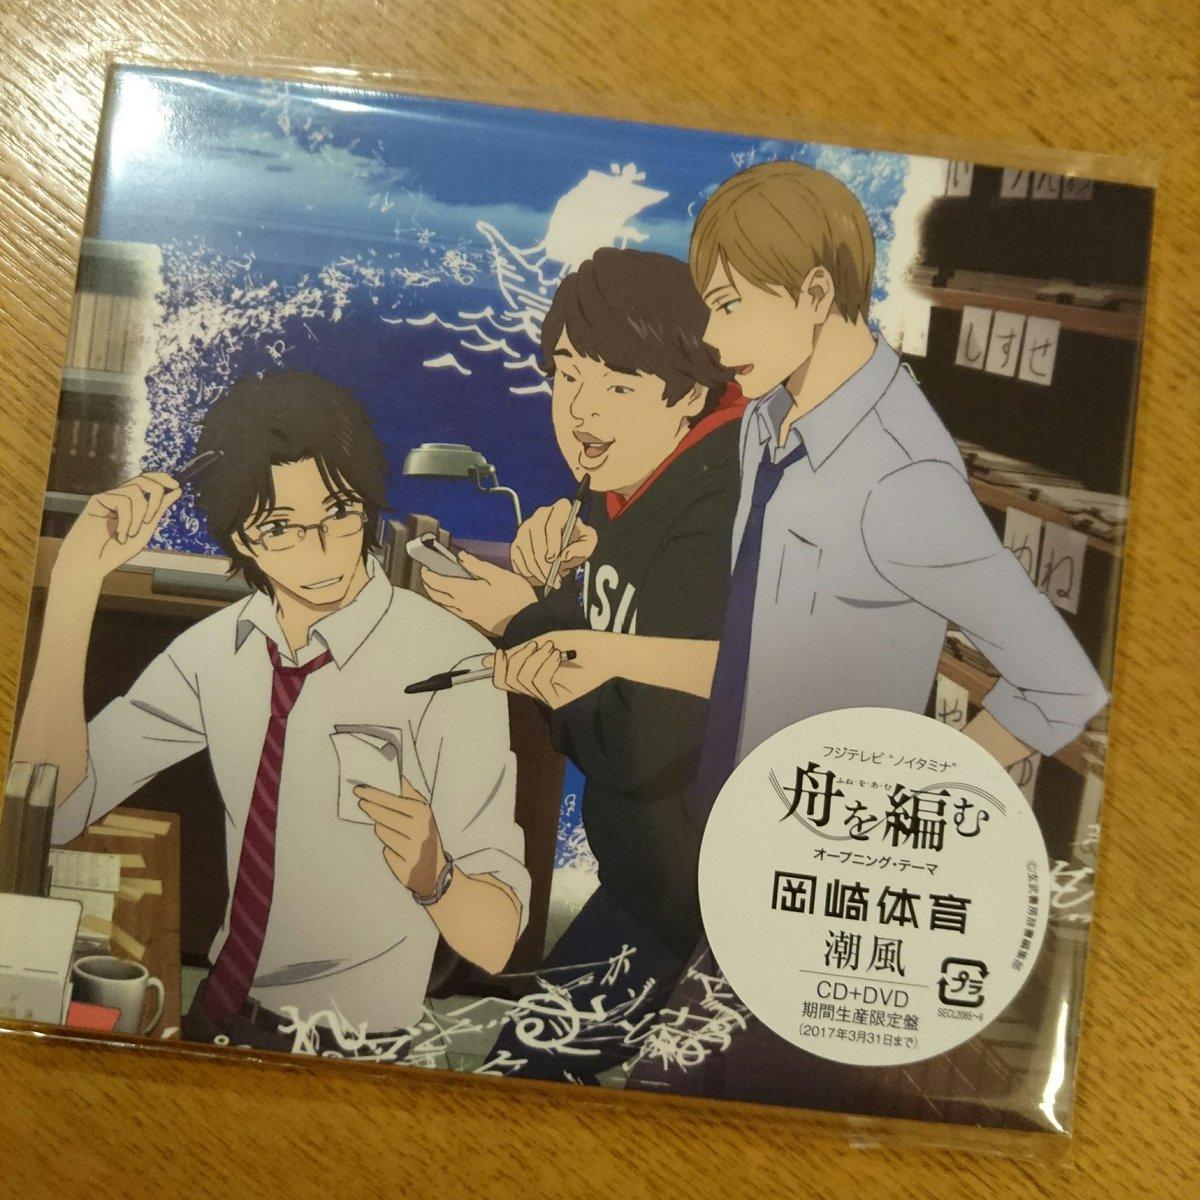 昨日ポチって届いてた「舟を編む」のオープニングCD!DVDも付いていて、アニメ化した岡崎体育さんも舟を編むの世界で大暴れ